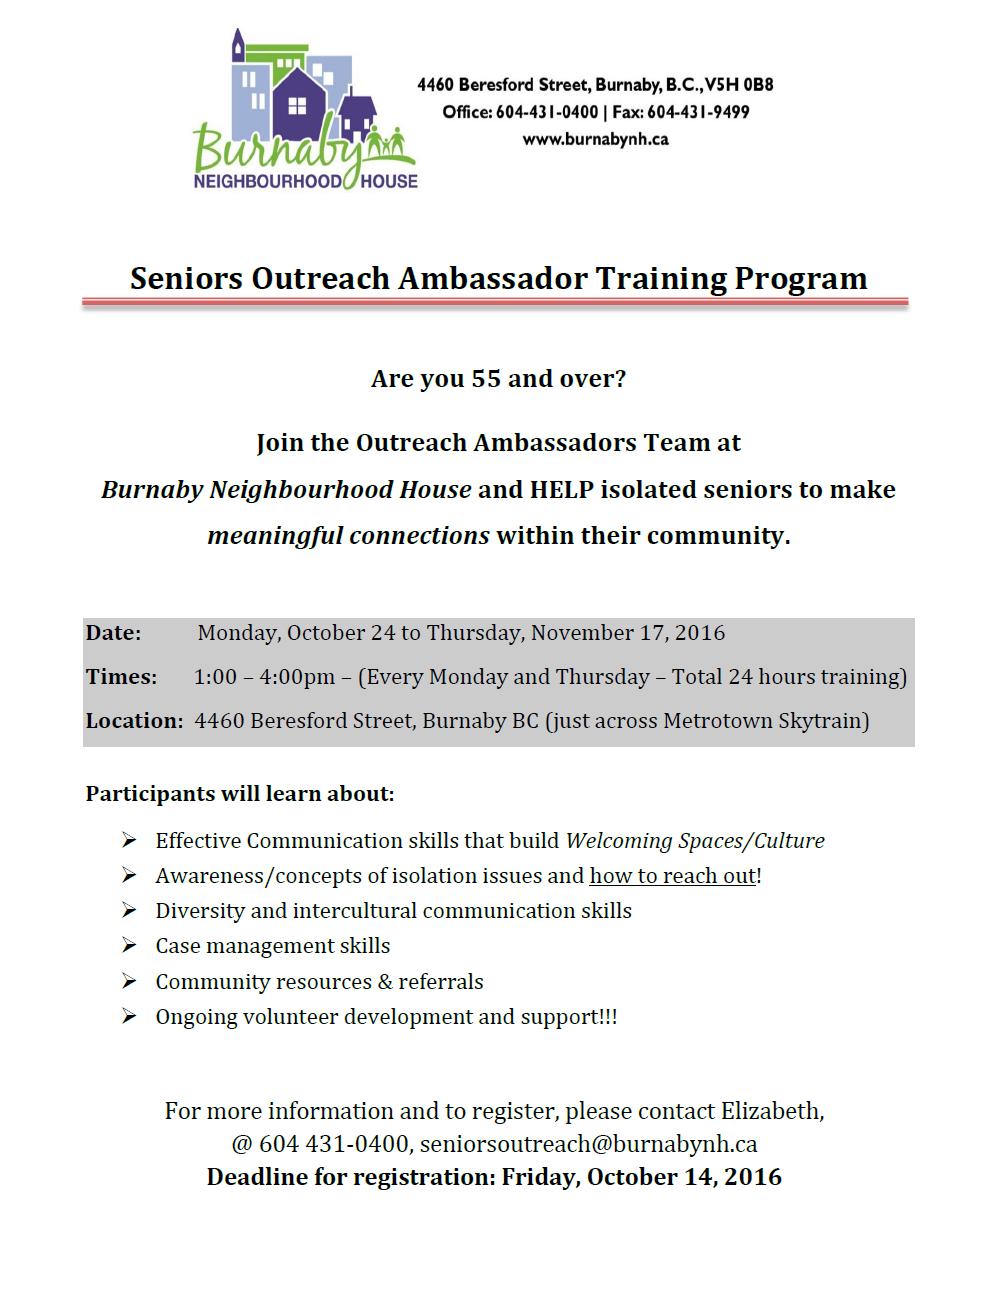 Seniors Outreach Ambassadors Training